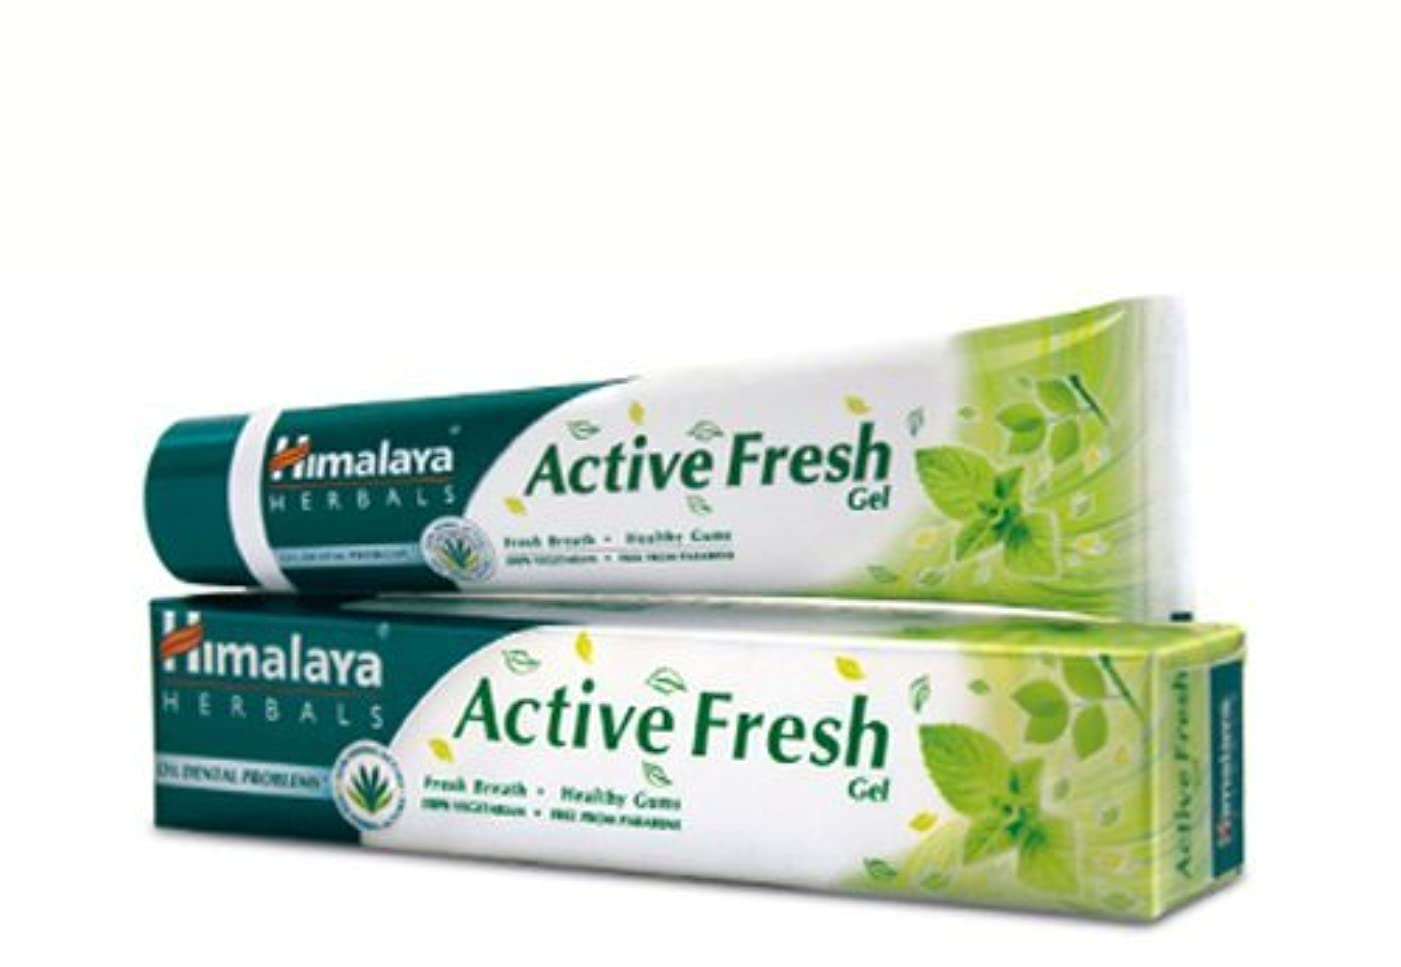 取り出すチャットダイアクリティカルヒマラヤ トゥースペイスト アクティブ フレッシュ(歯磨き粉)80g×4本 Himalaya Active Fresh Toothpaste